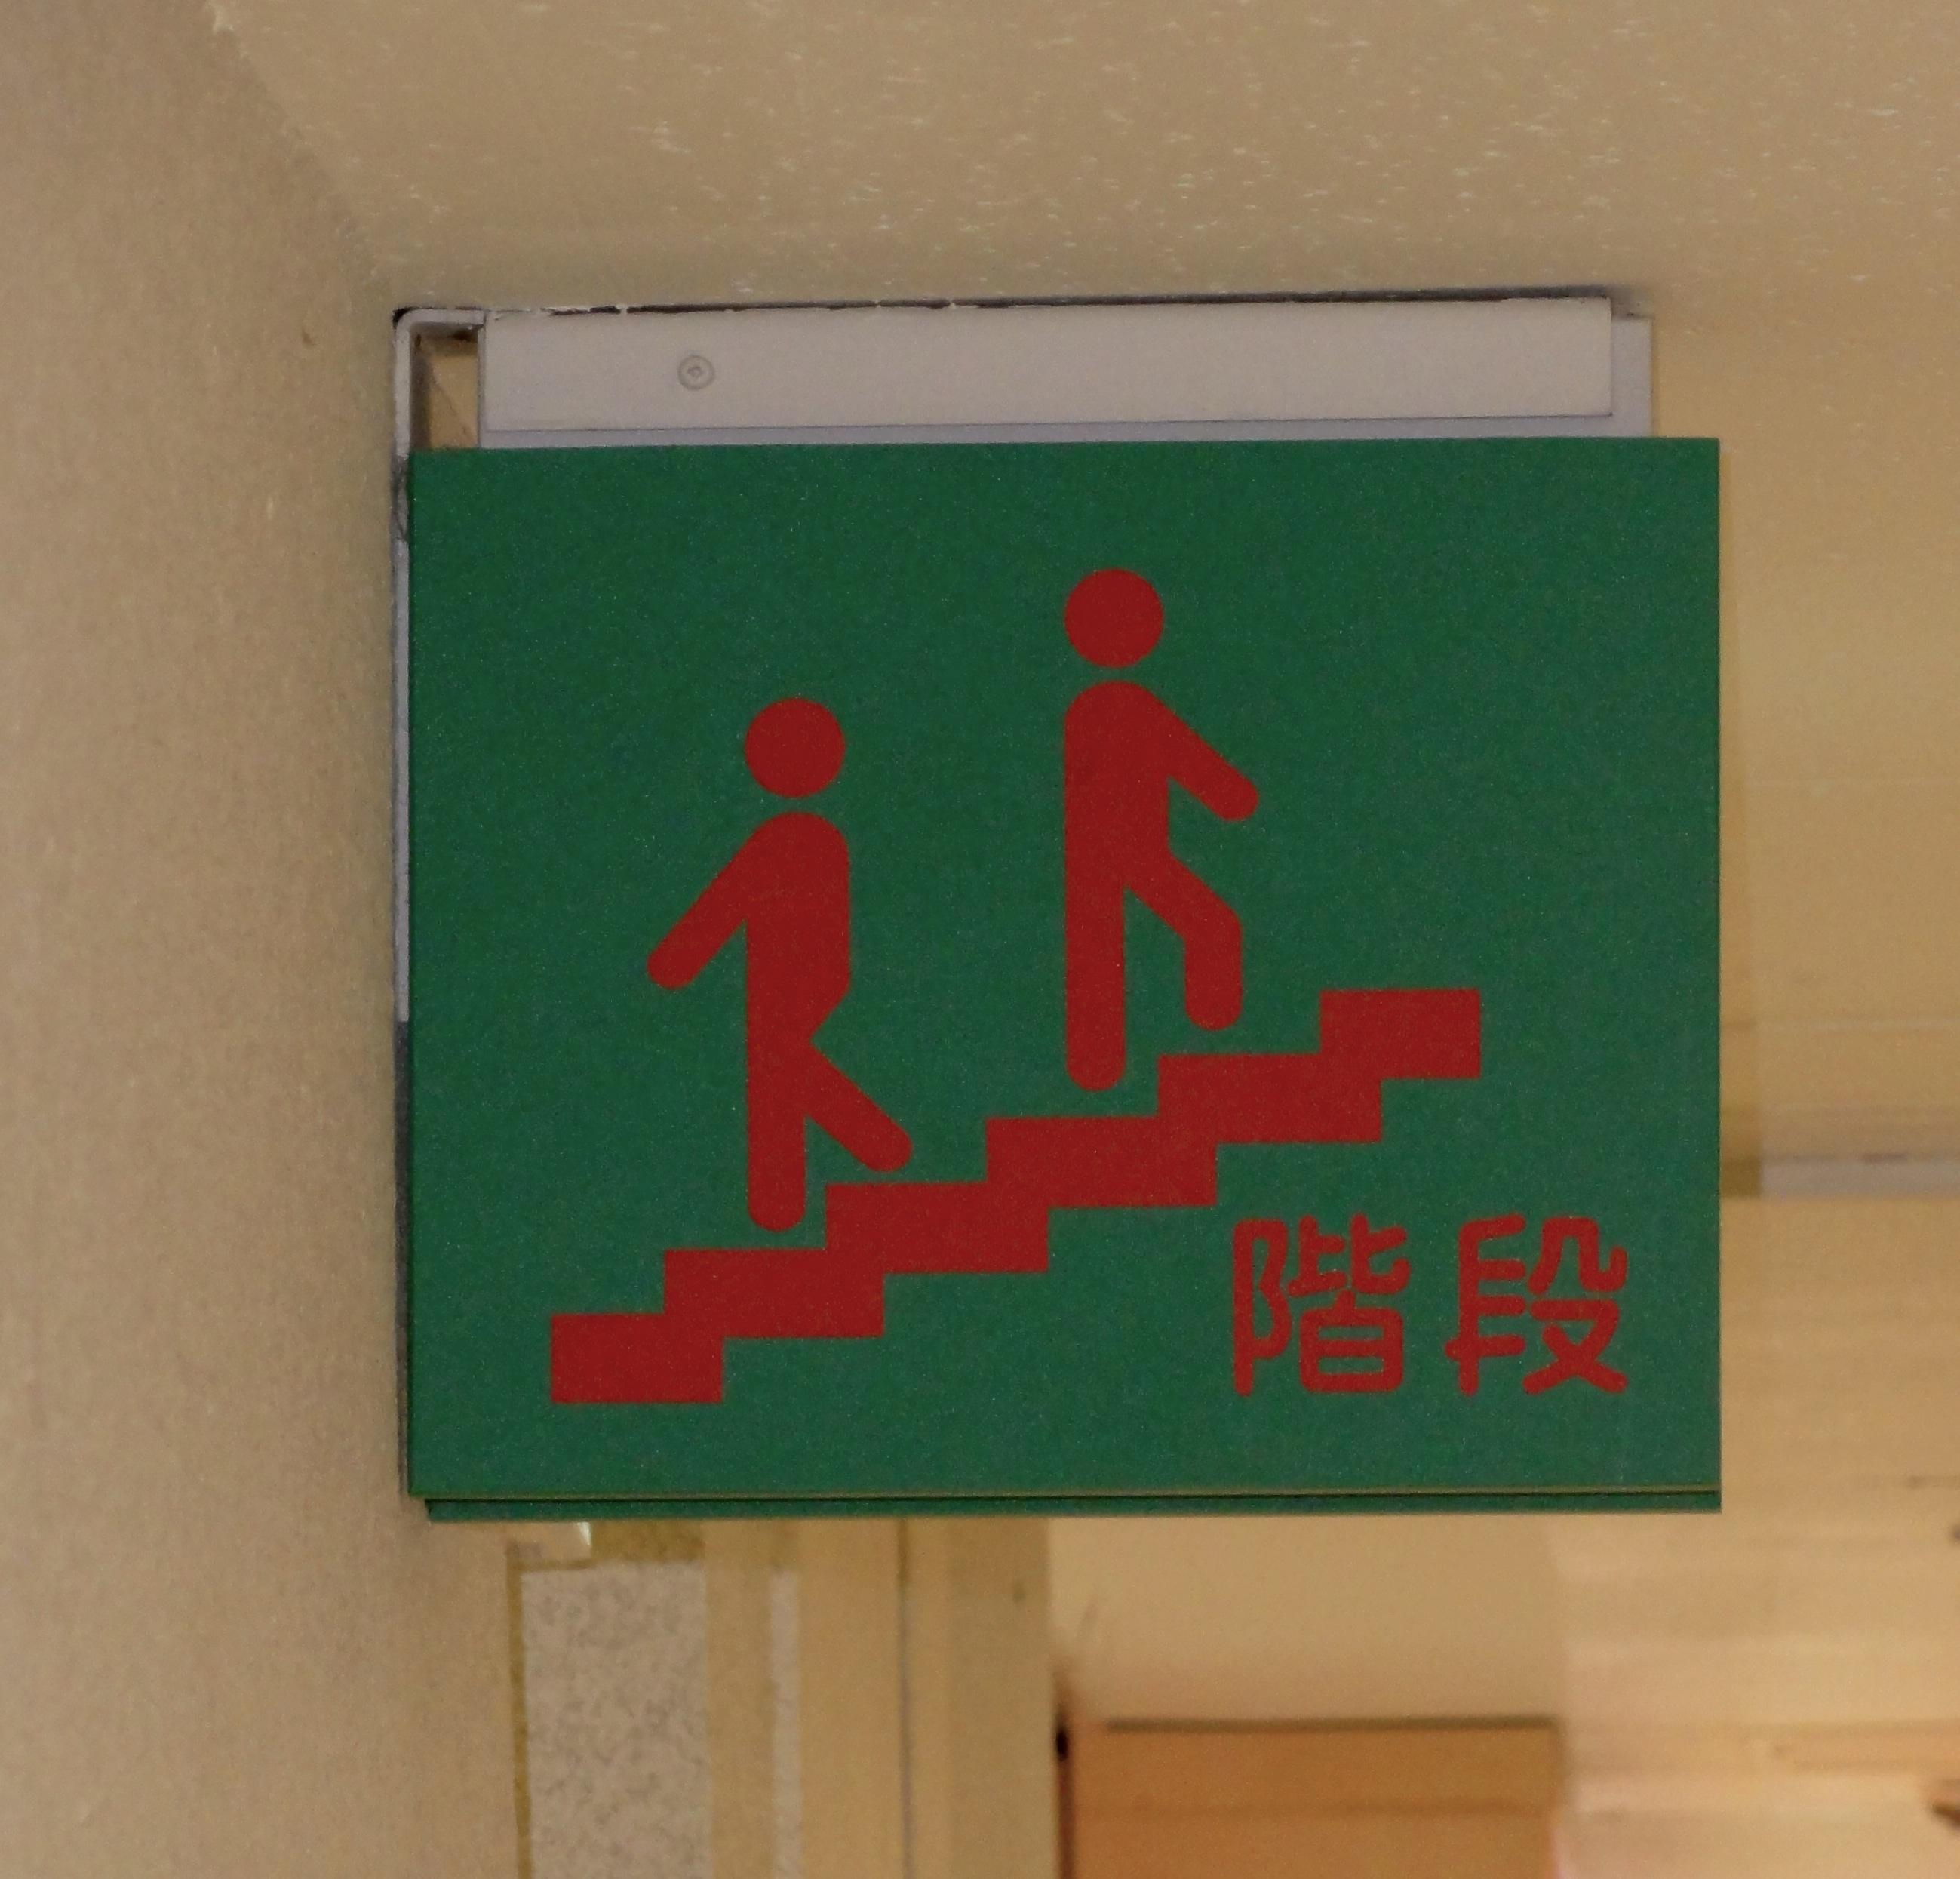 learn-kanji-Japanese-sign-286